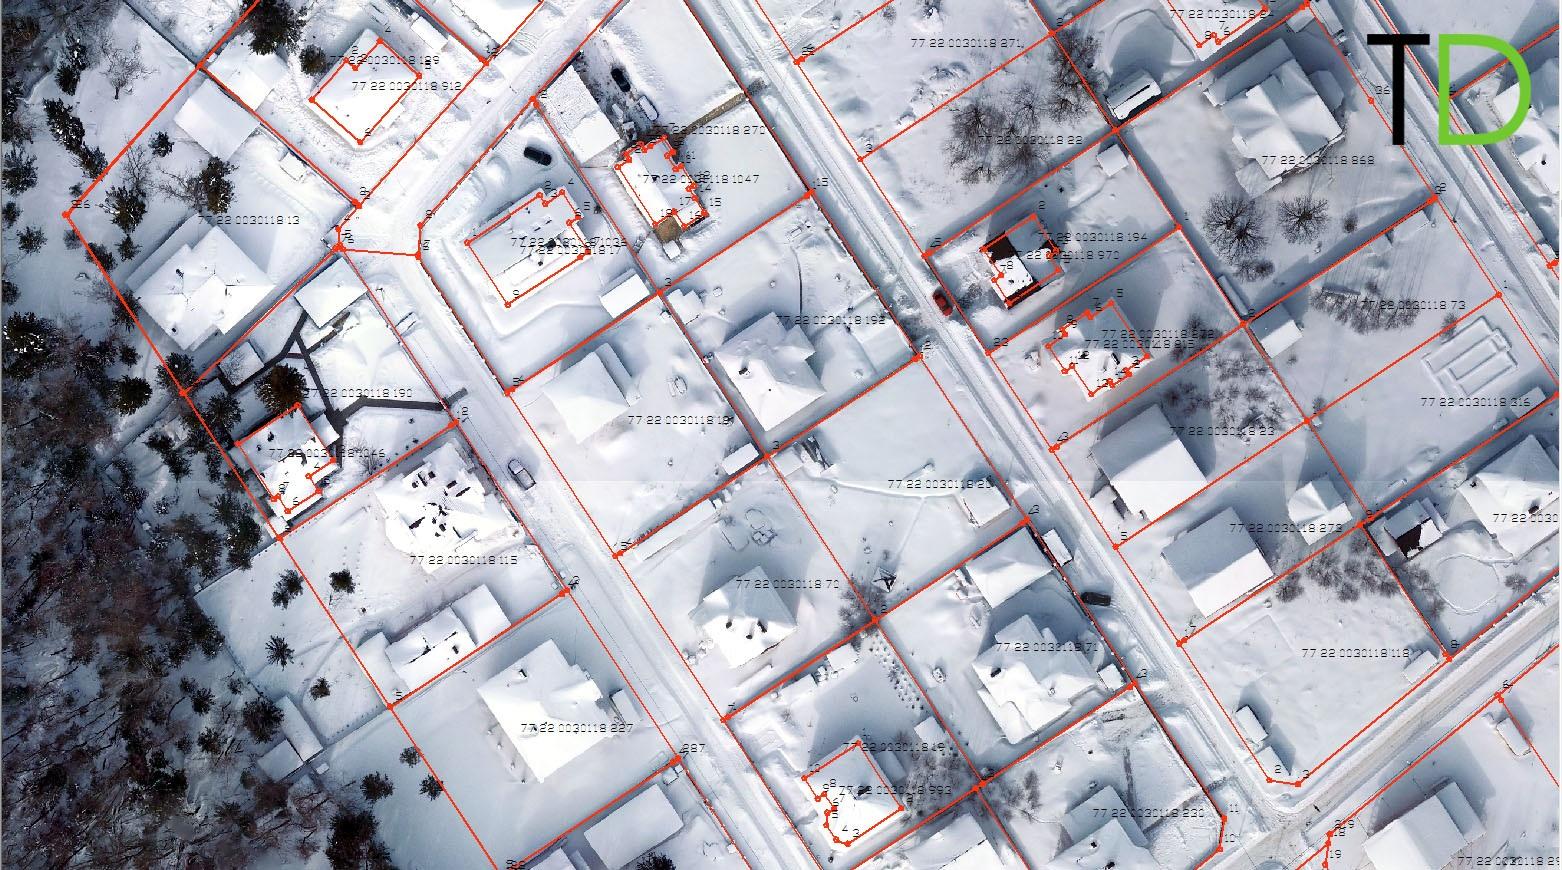 Применение перепиленных гражданских дронов для профессиональной геодезической аэрофотосъёмки местности - 10